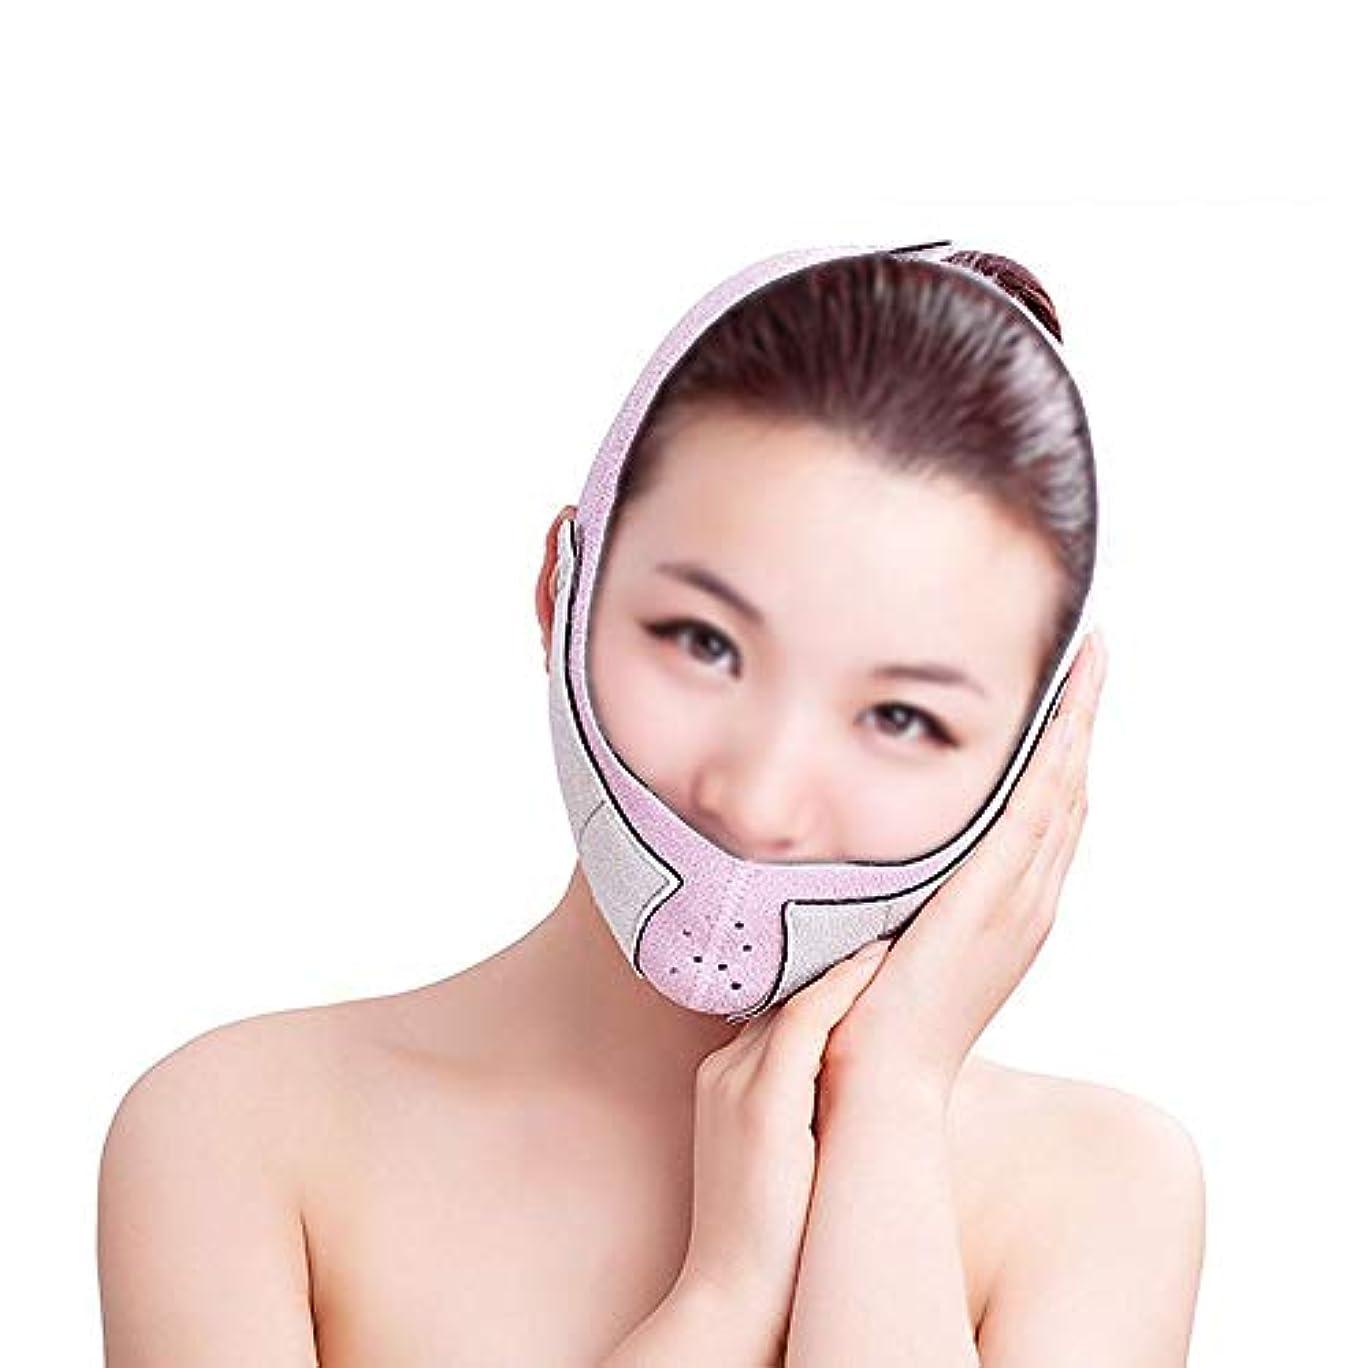 納得させる来て反対フェイスリフトマスク、痩身ベルト薄いフェイスマスク強力な持ち上げ小さなV顔薄い顔包帯美容フェイスリフティングデバイス